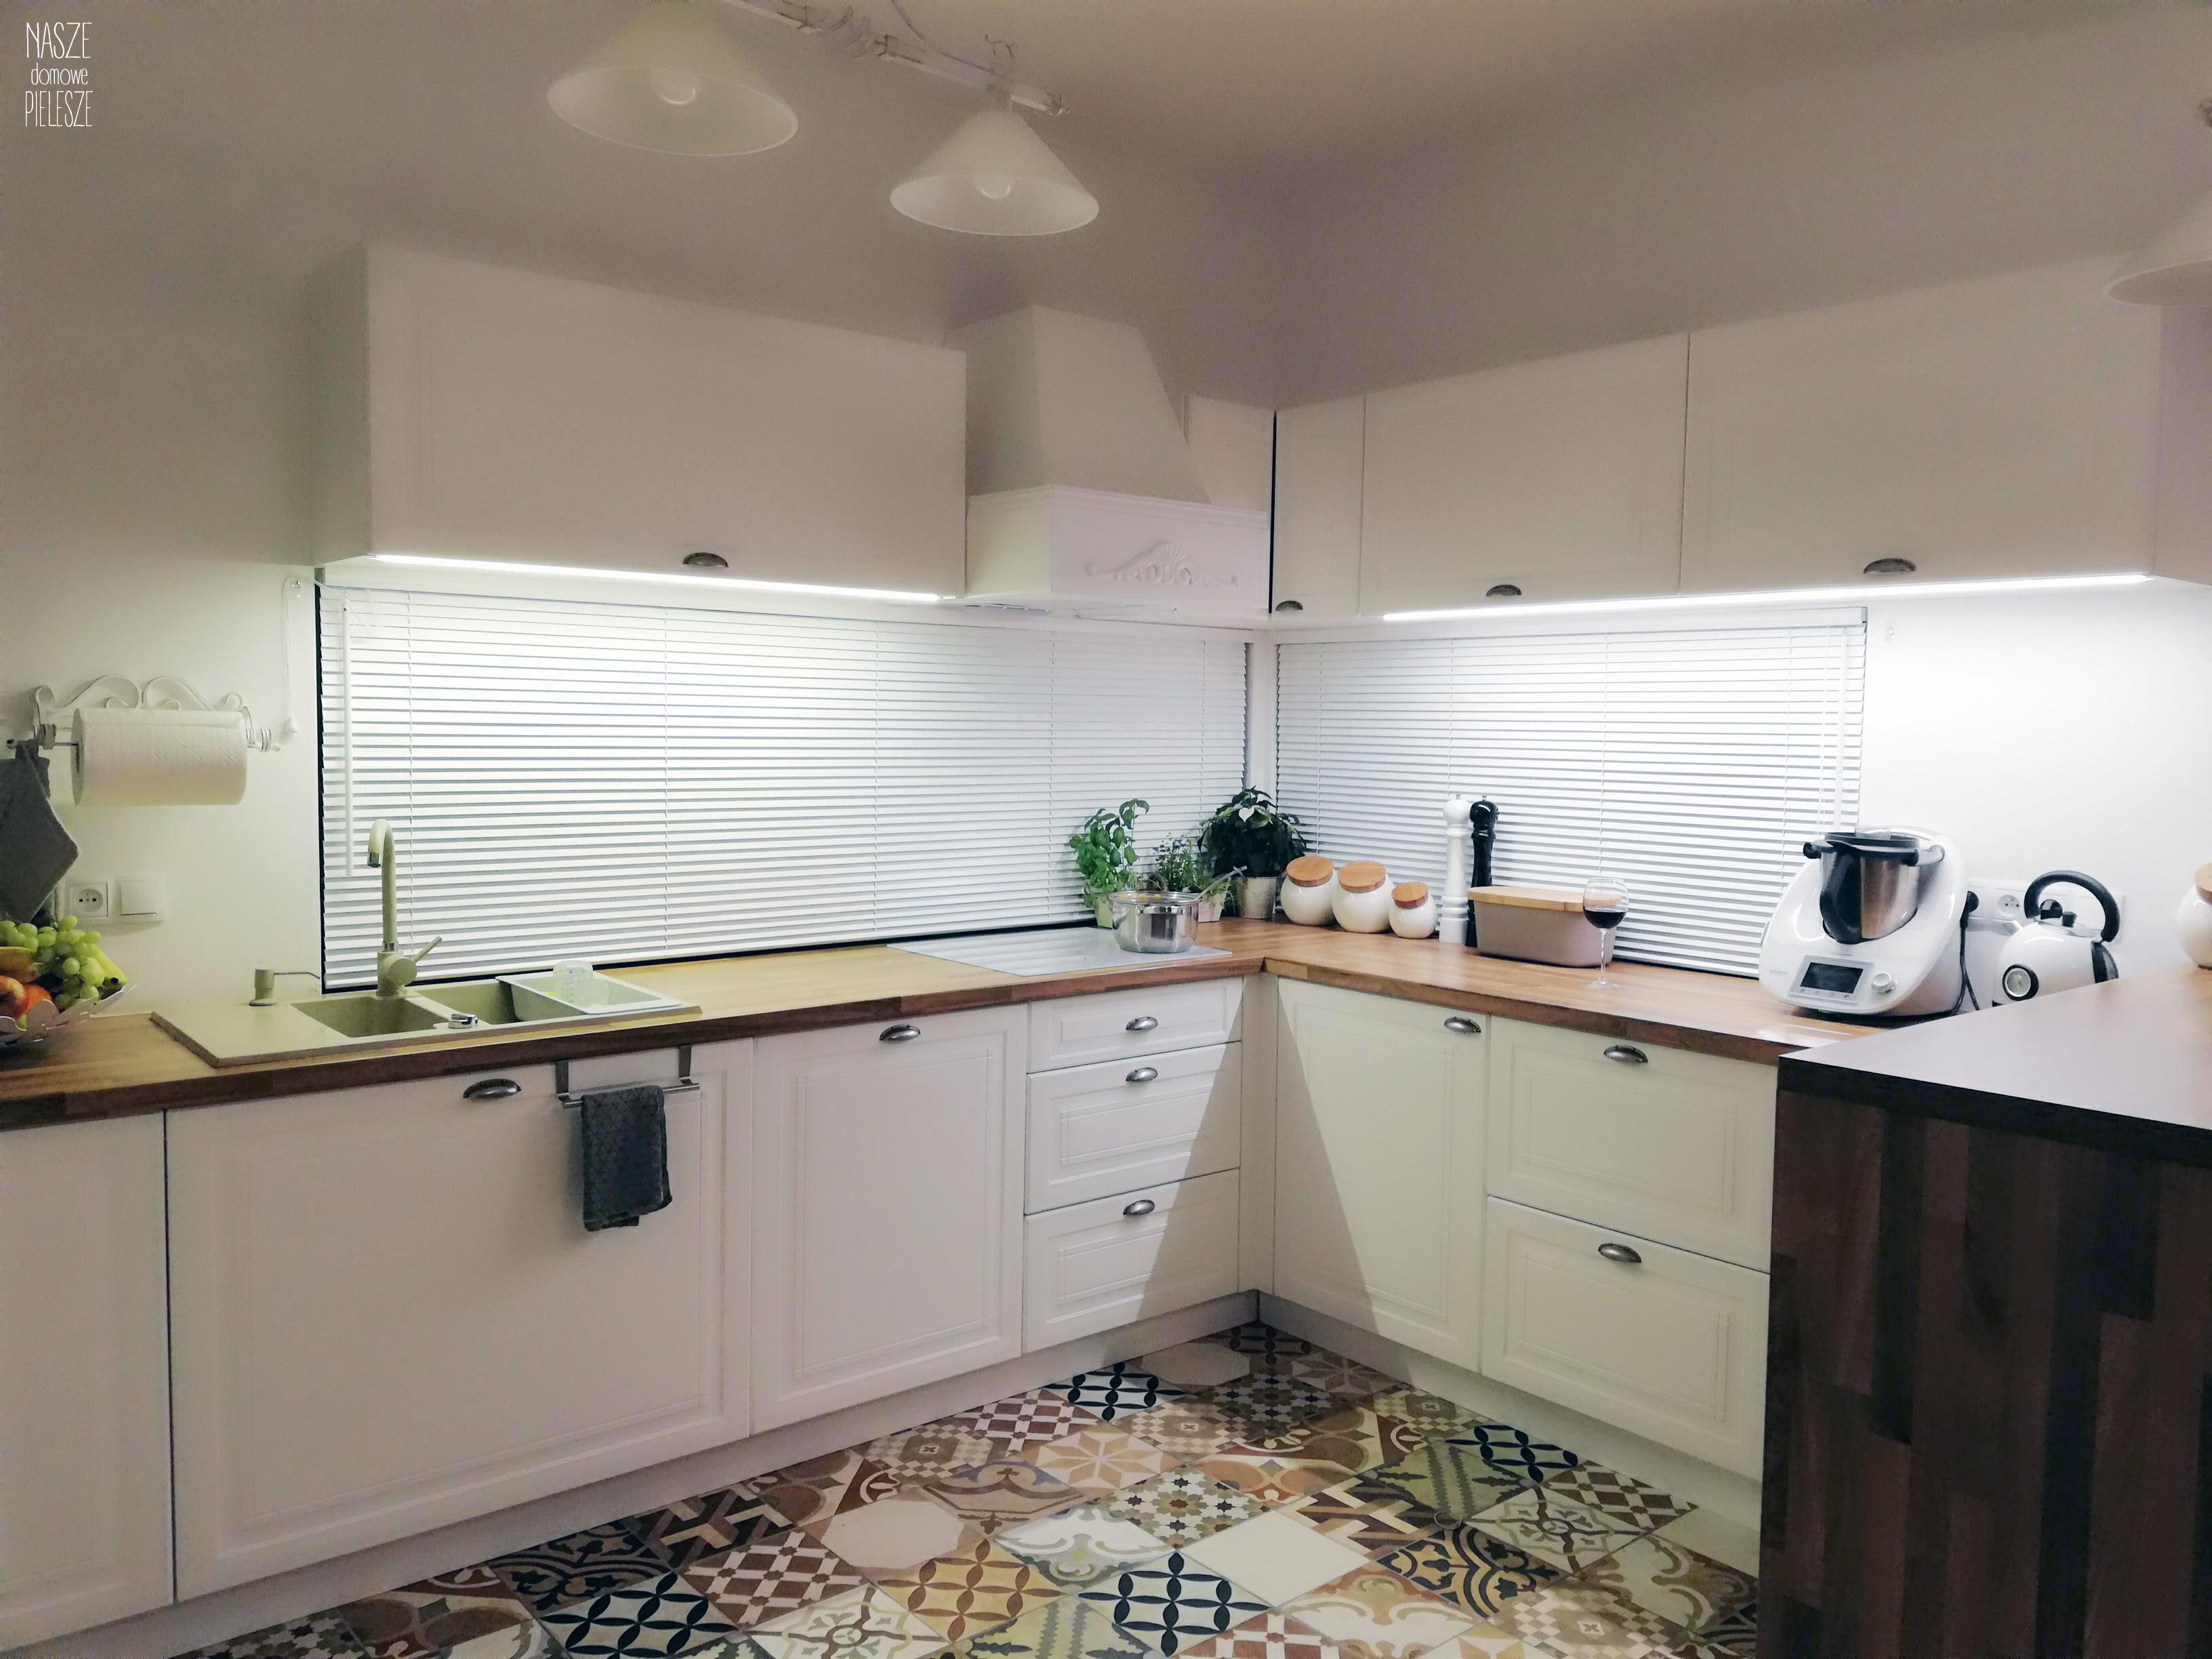 zaluzje drewniane na oknie podłużnym w kuchni